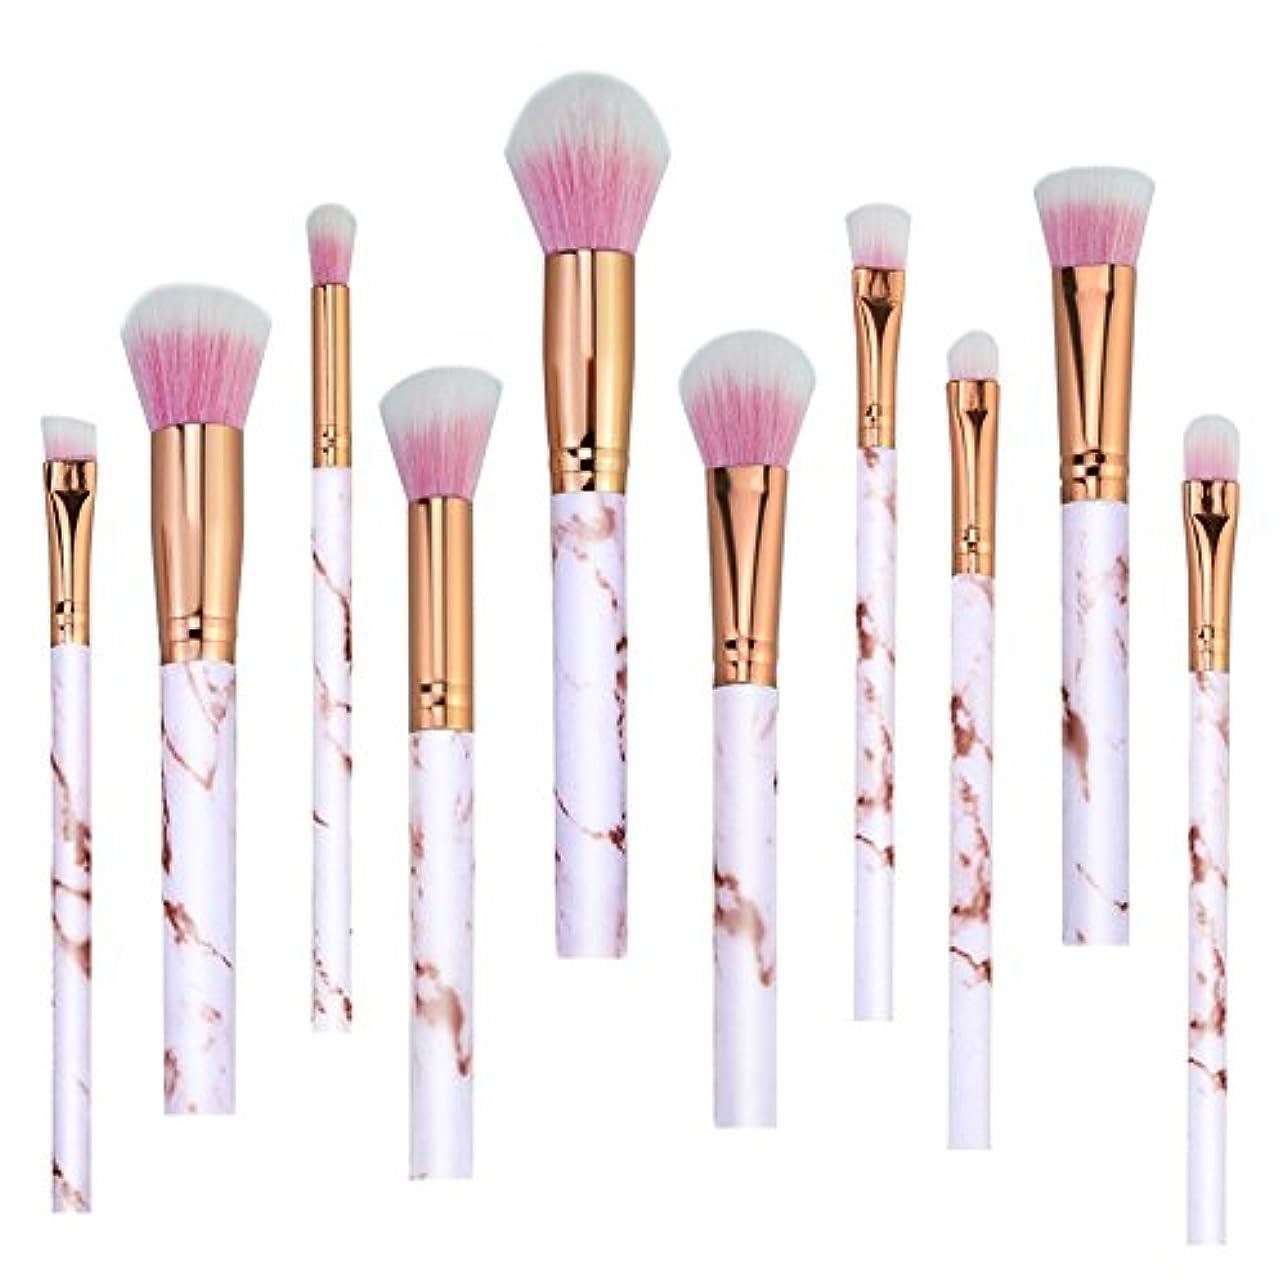 両方指定フローティングQIAONAI 10本 化粧筆 メイクアップブラシセット プロ 化粧ブラシ 化粧筆 コスメブラシ タイル模様 上品 パウダー アイシャドー 多機能化粧ブラシ 綺麗 ピンク